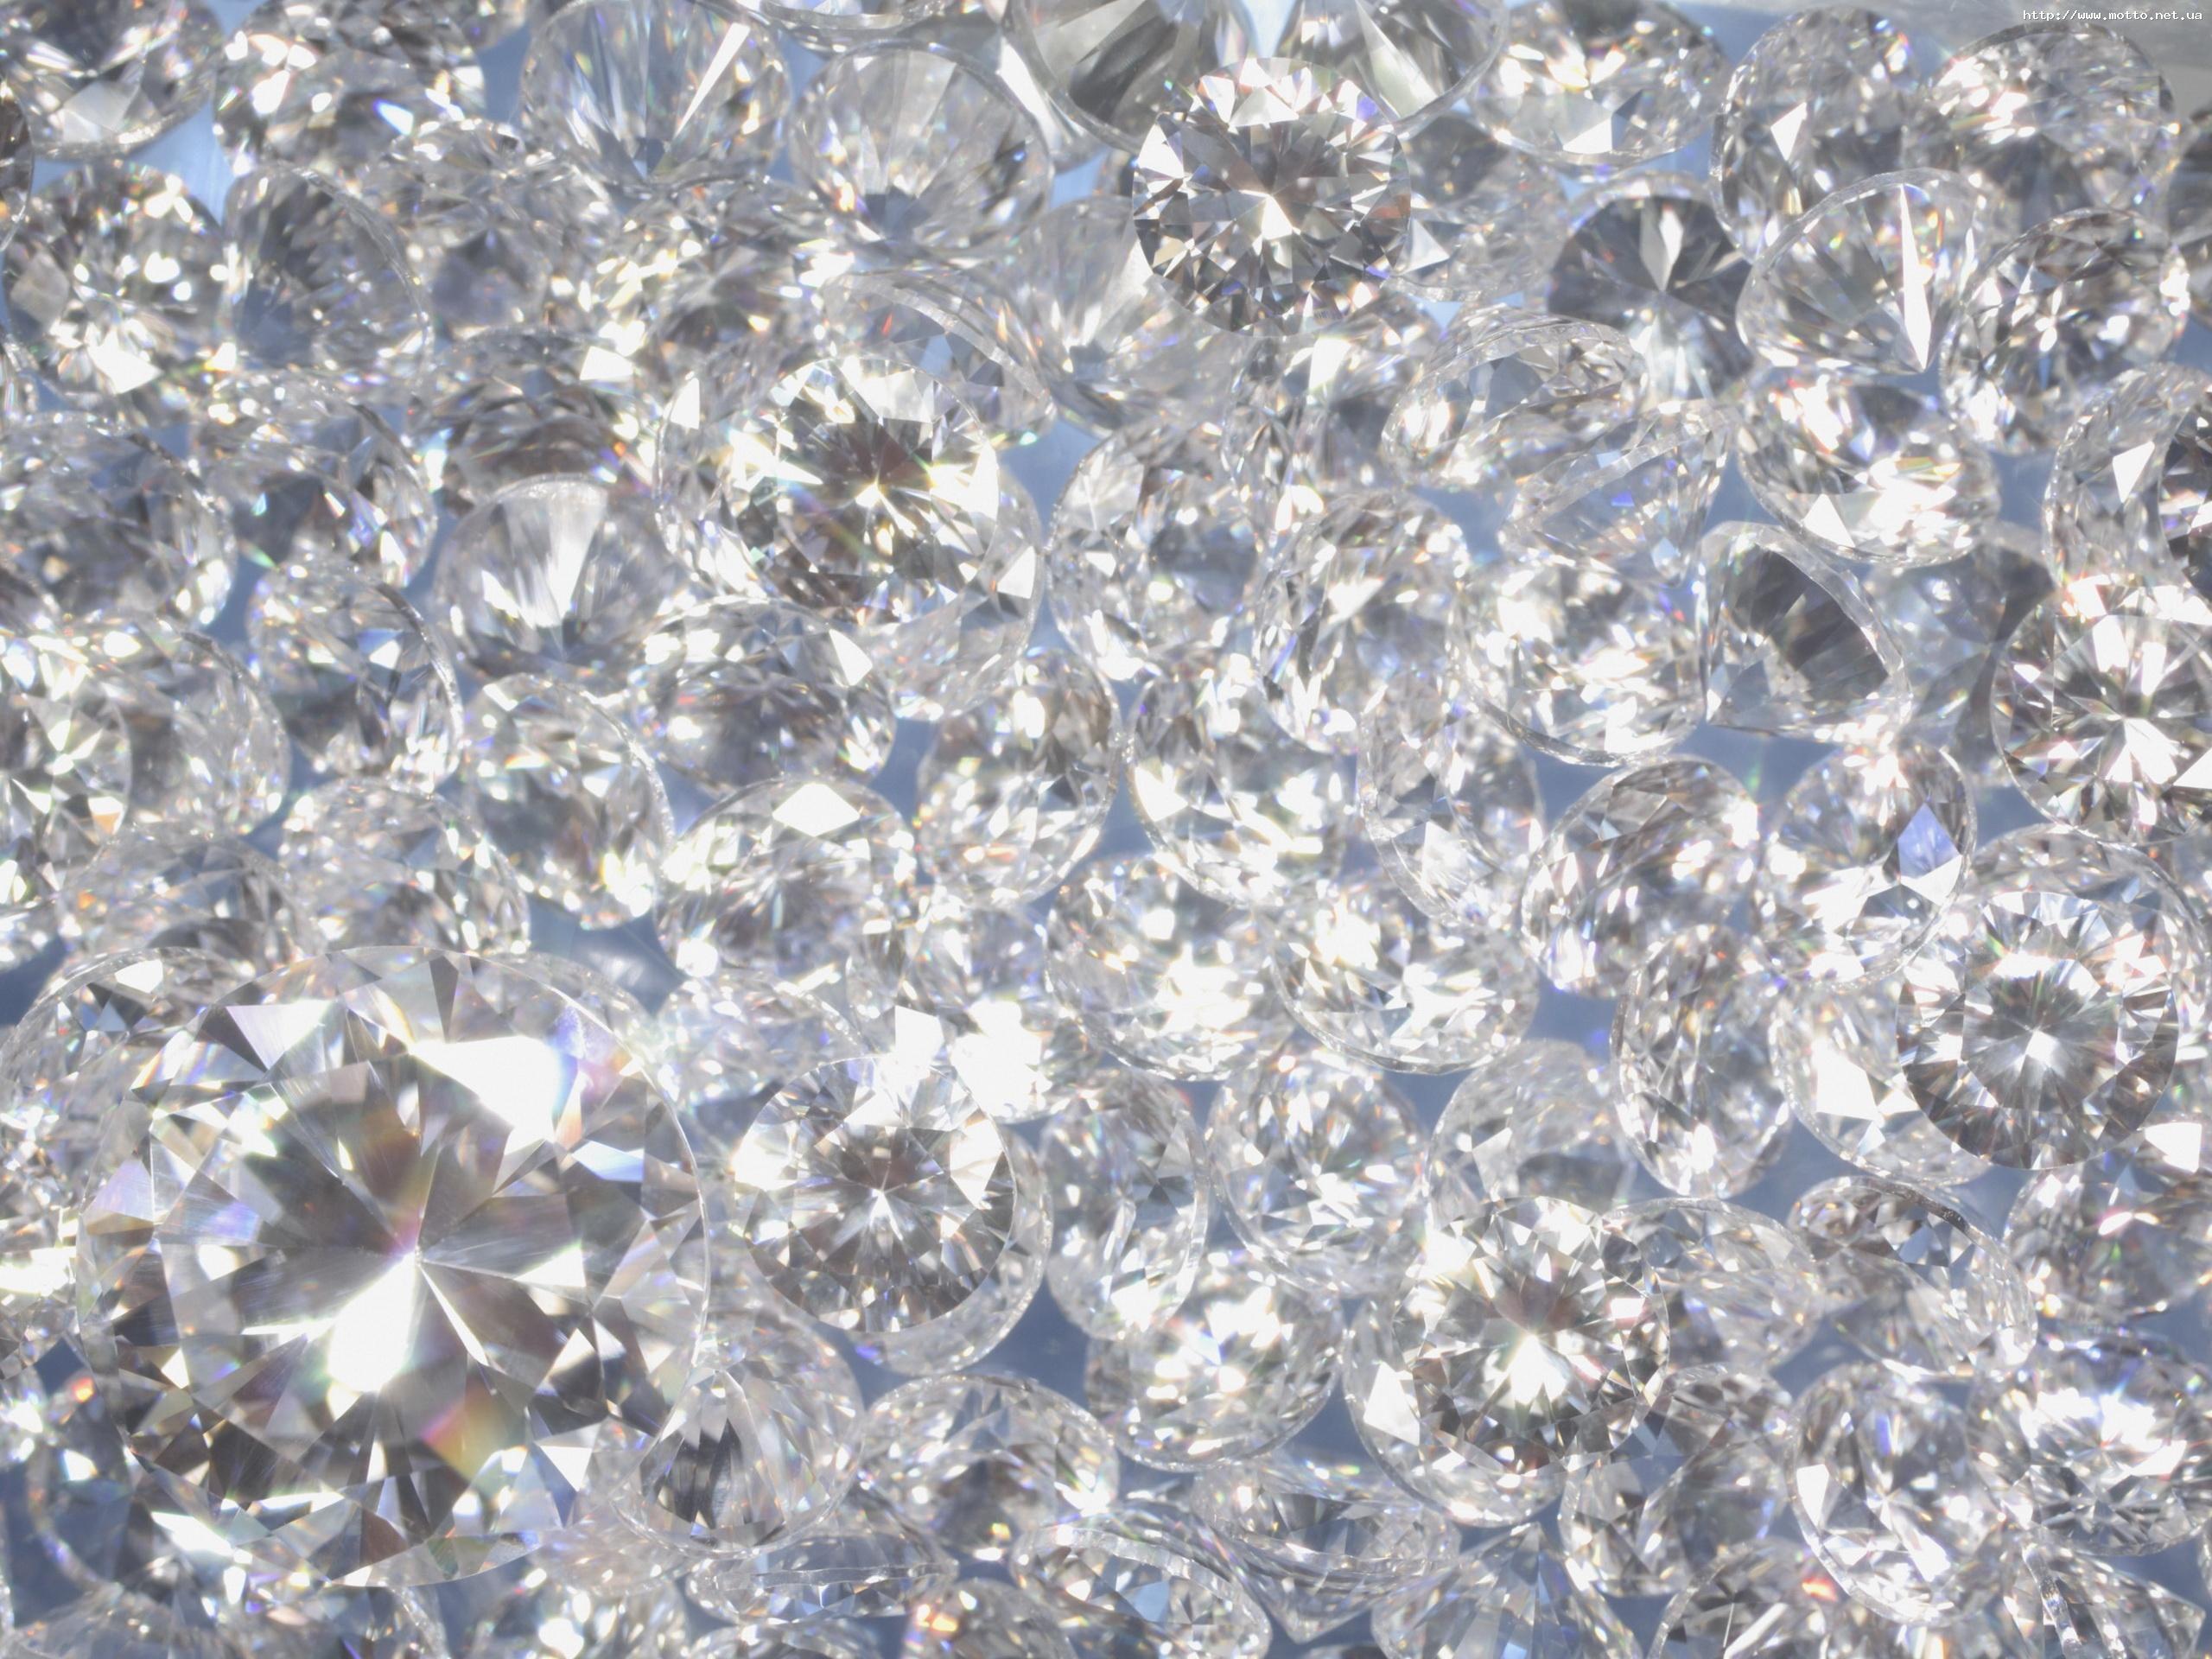 неоднократно уничтожались обои на заказ фотопечать бриллианты в спб компании